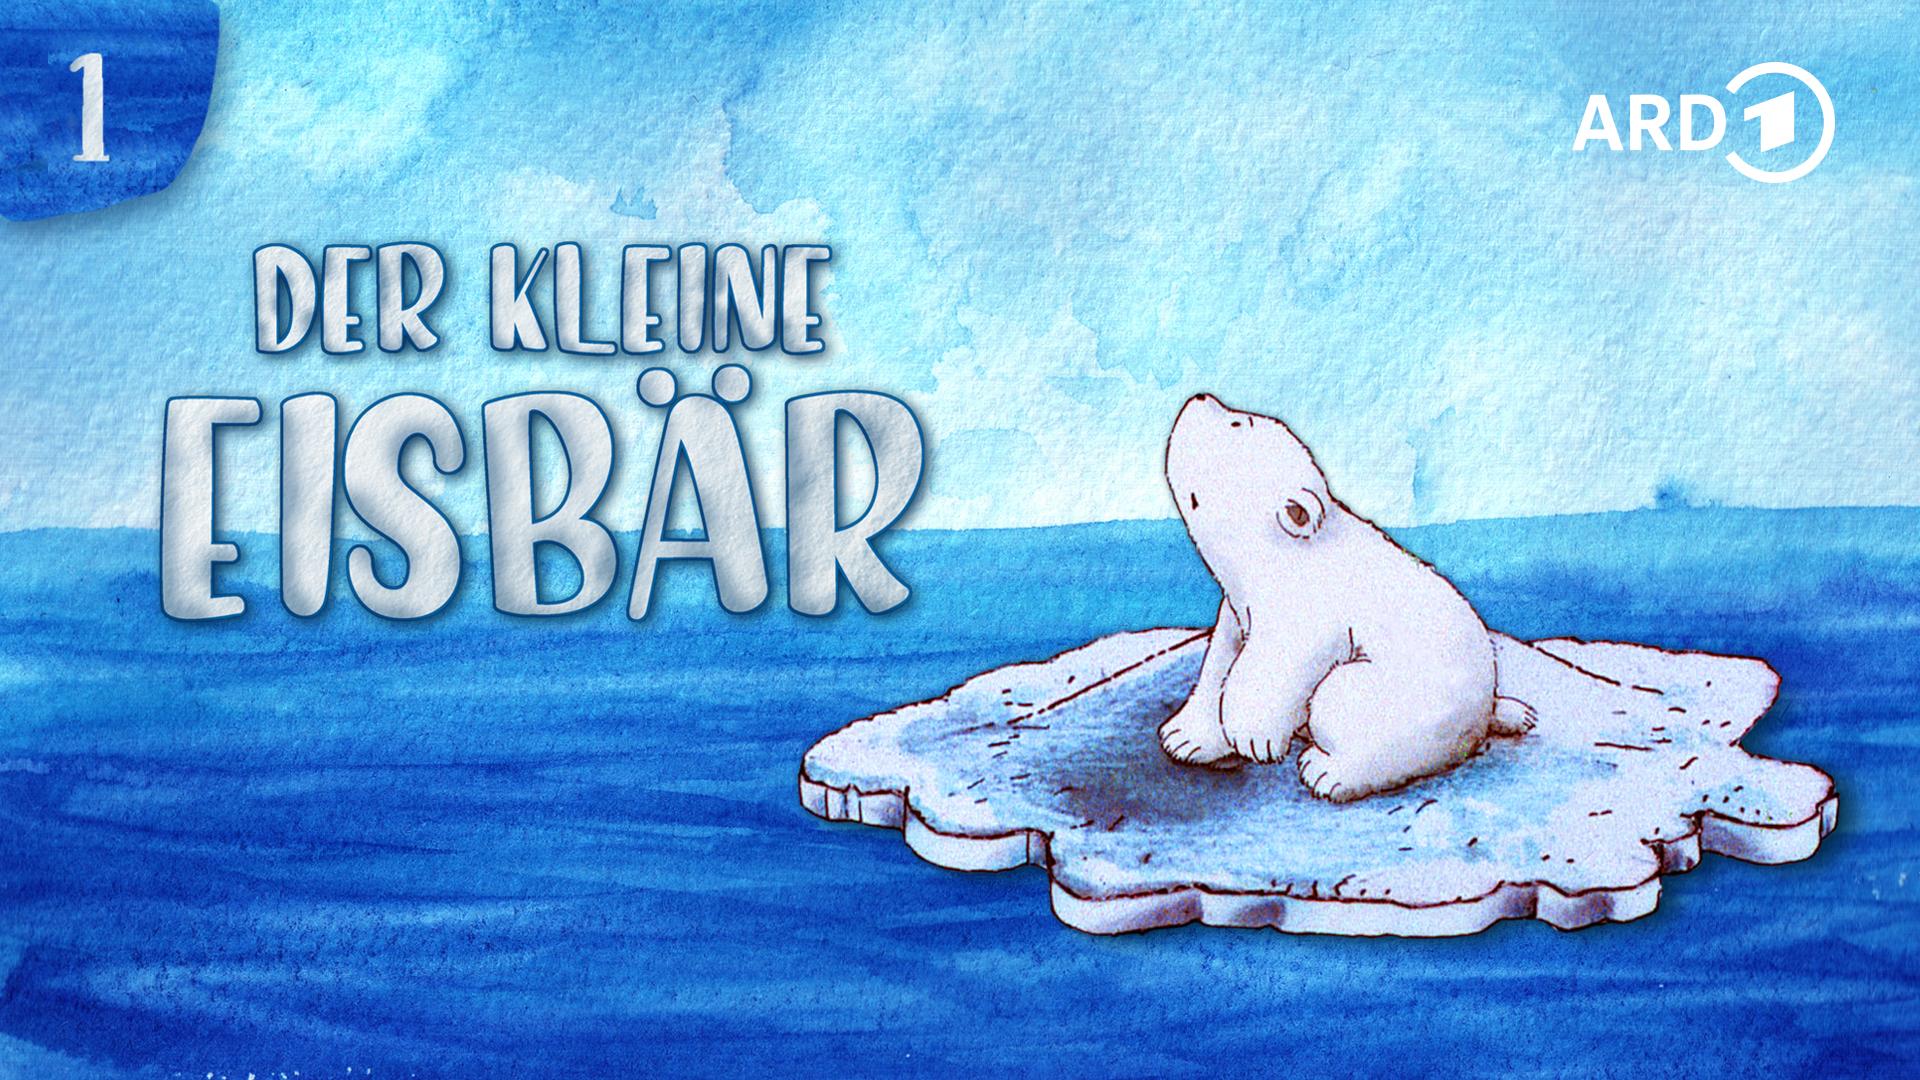 Der kleine Eisbär, Vol. 1